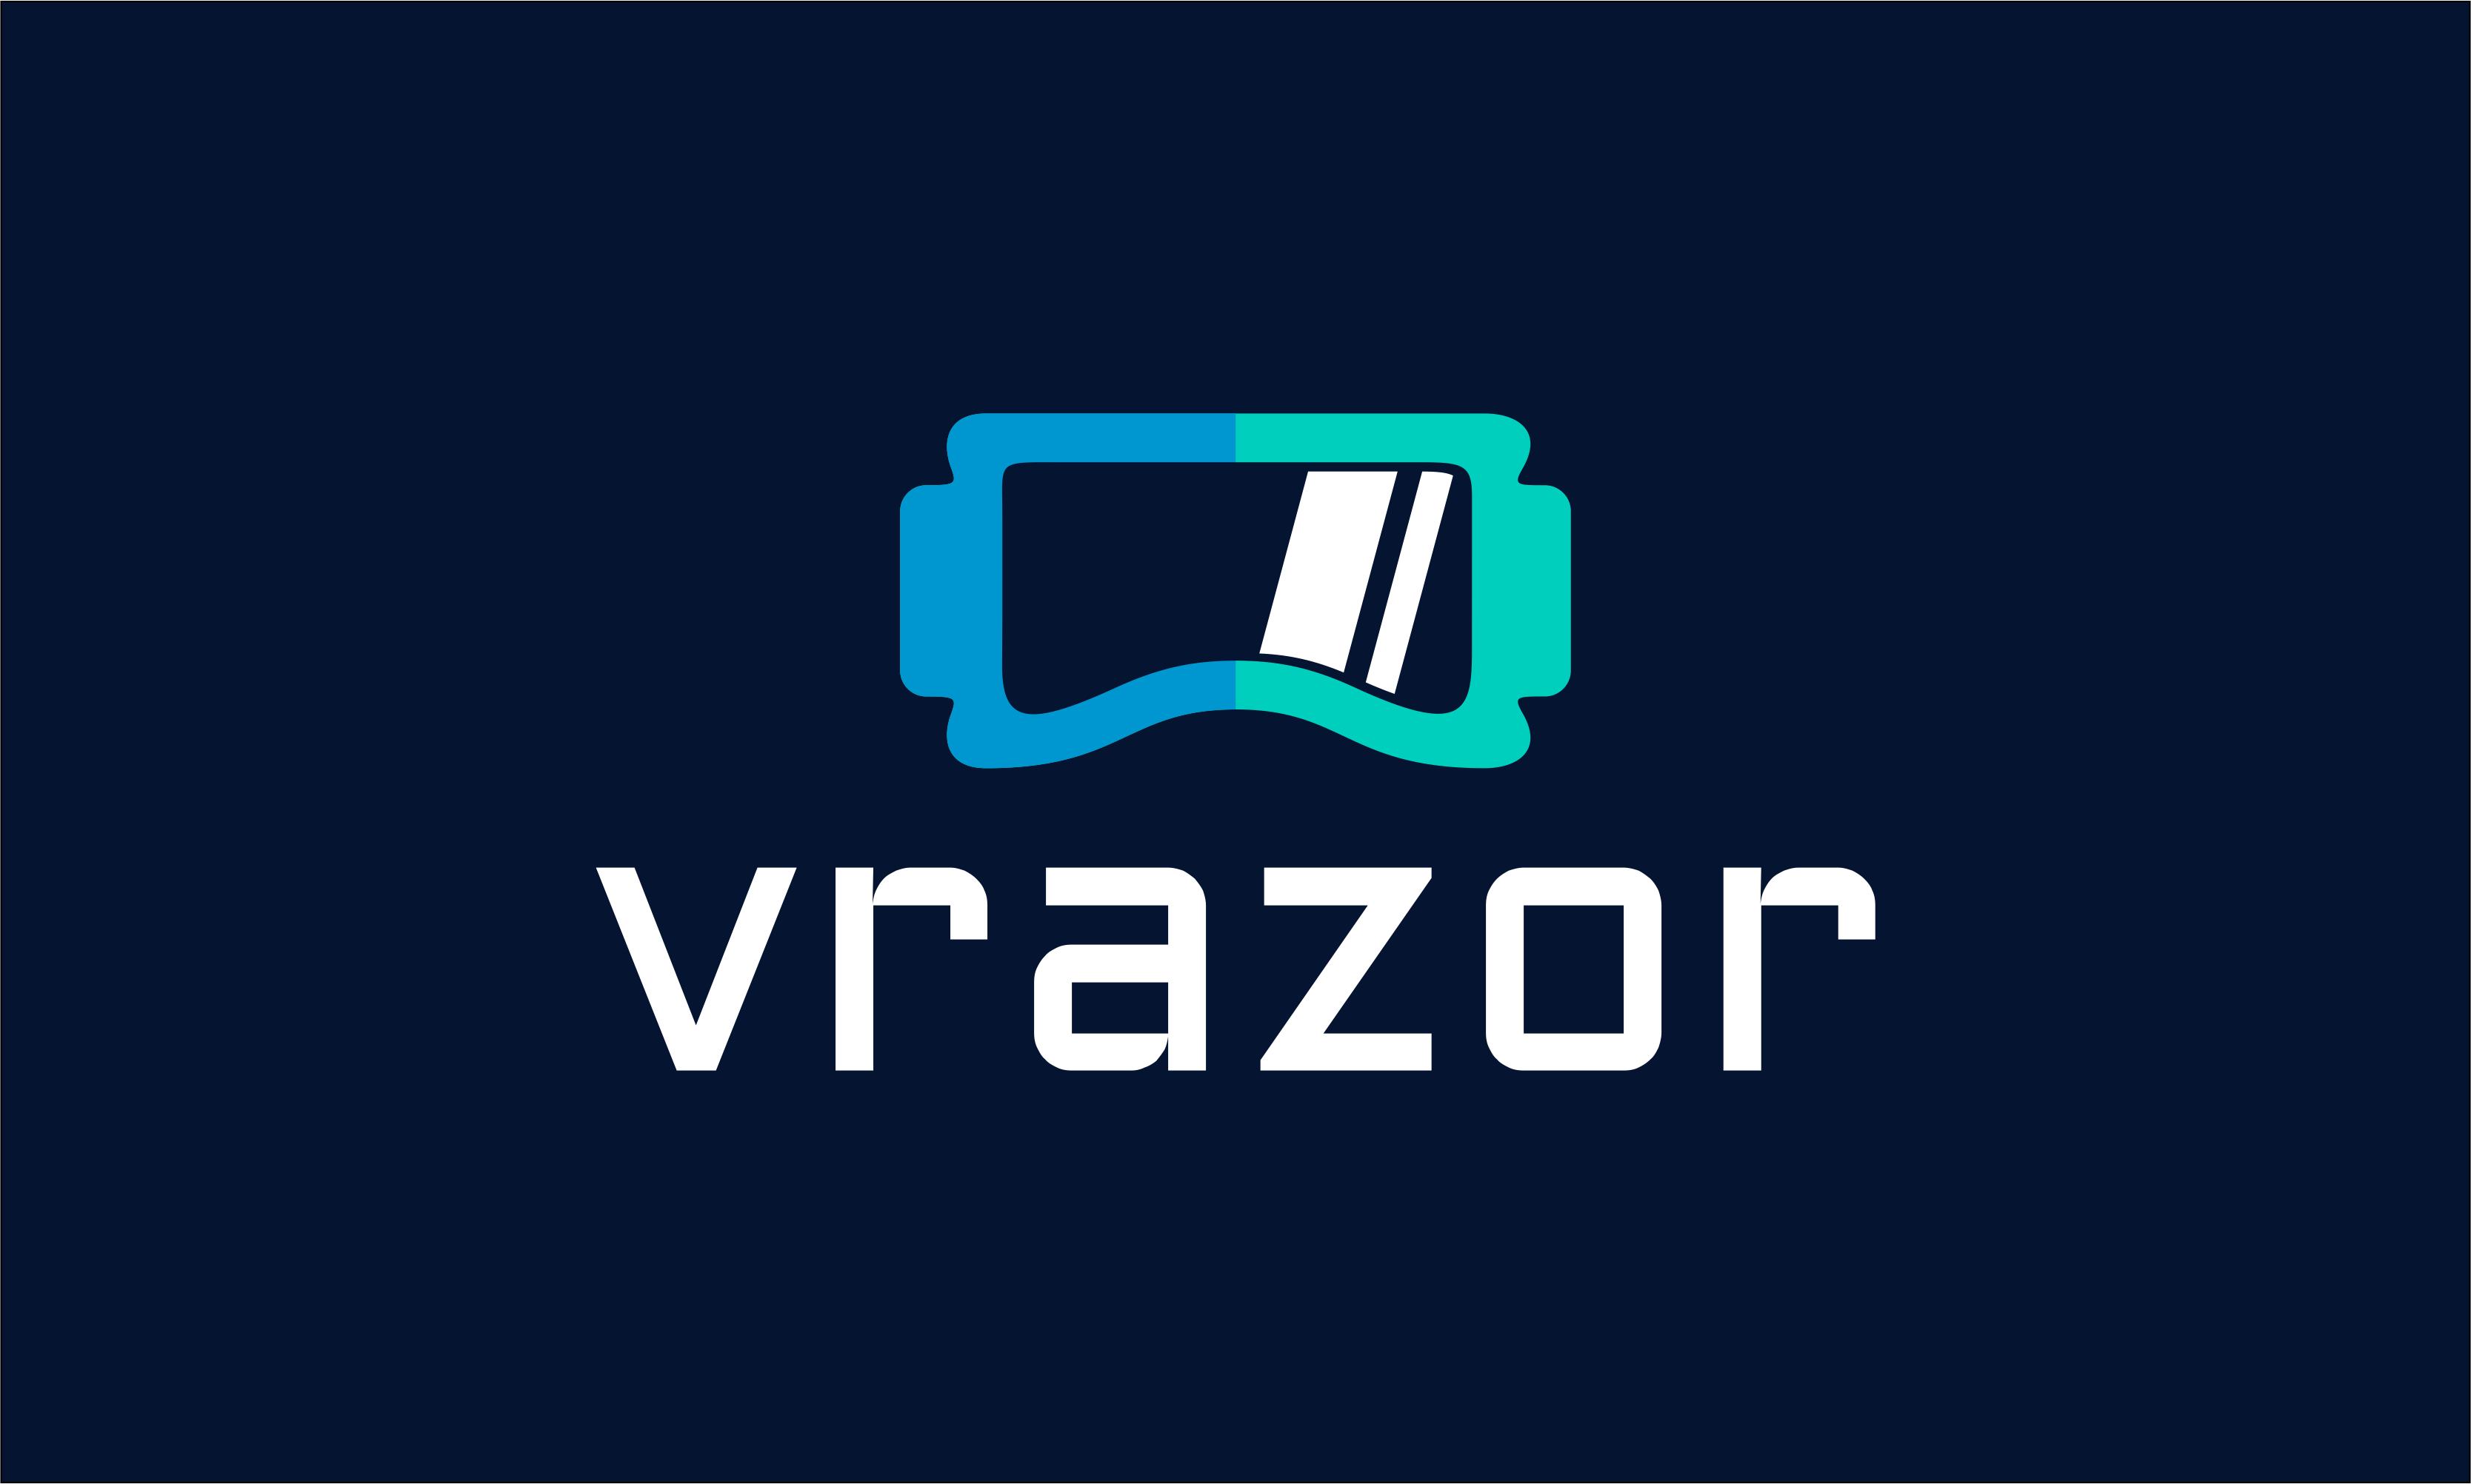 Vrazor logo